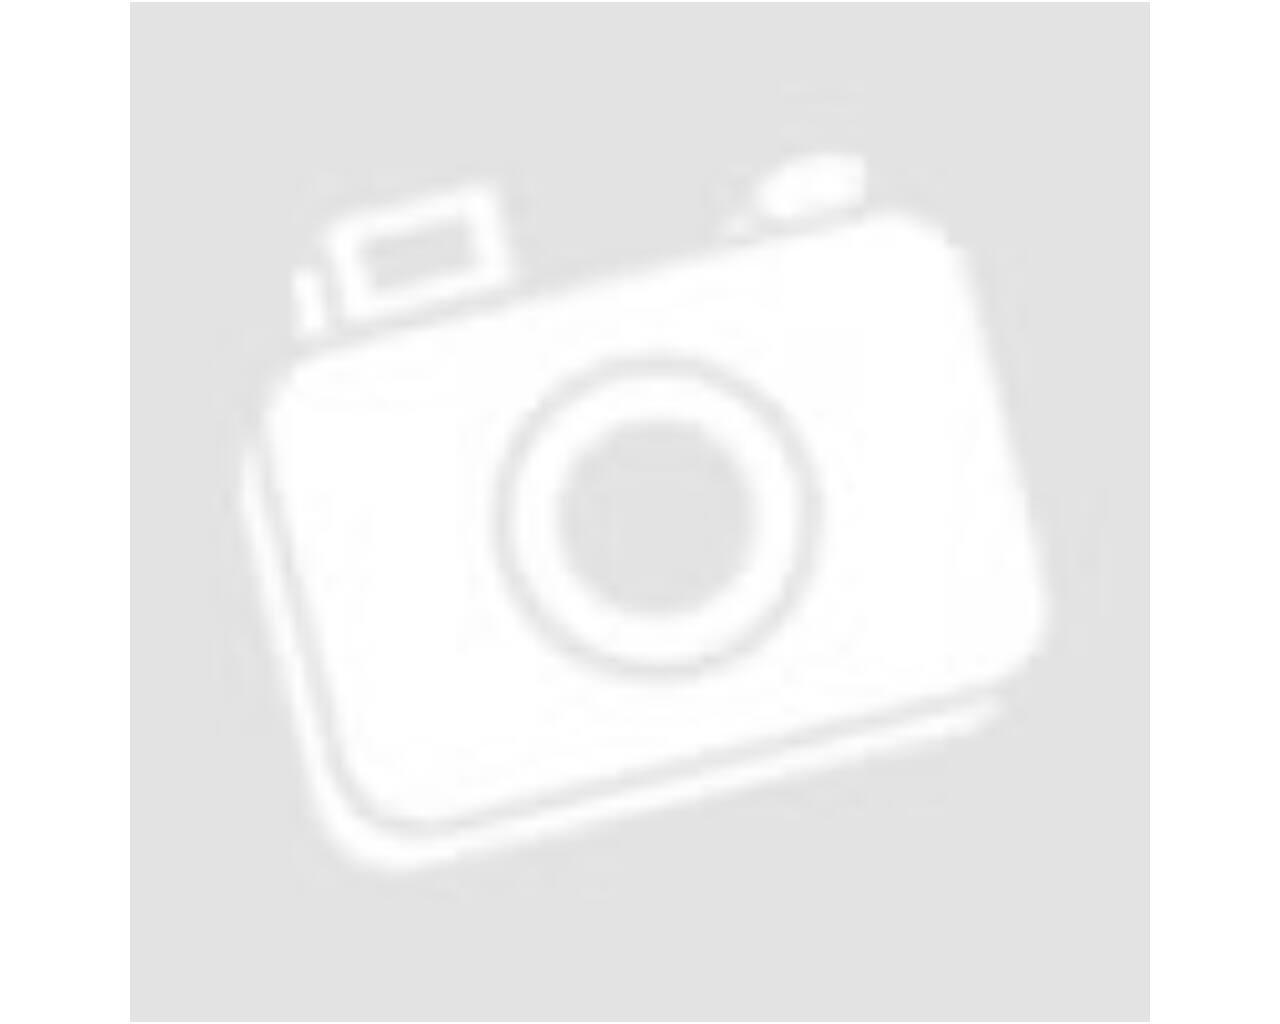 Hosseven füstcső, zománcozott lemez, 130 x 500 mm, fekete